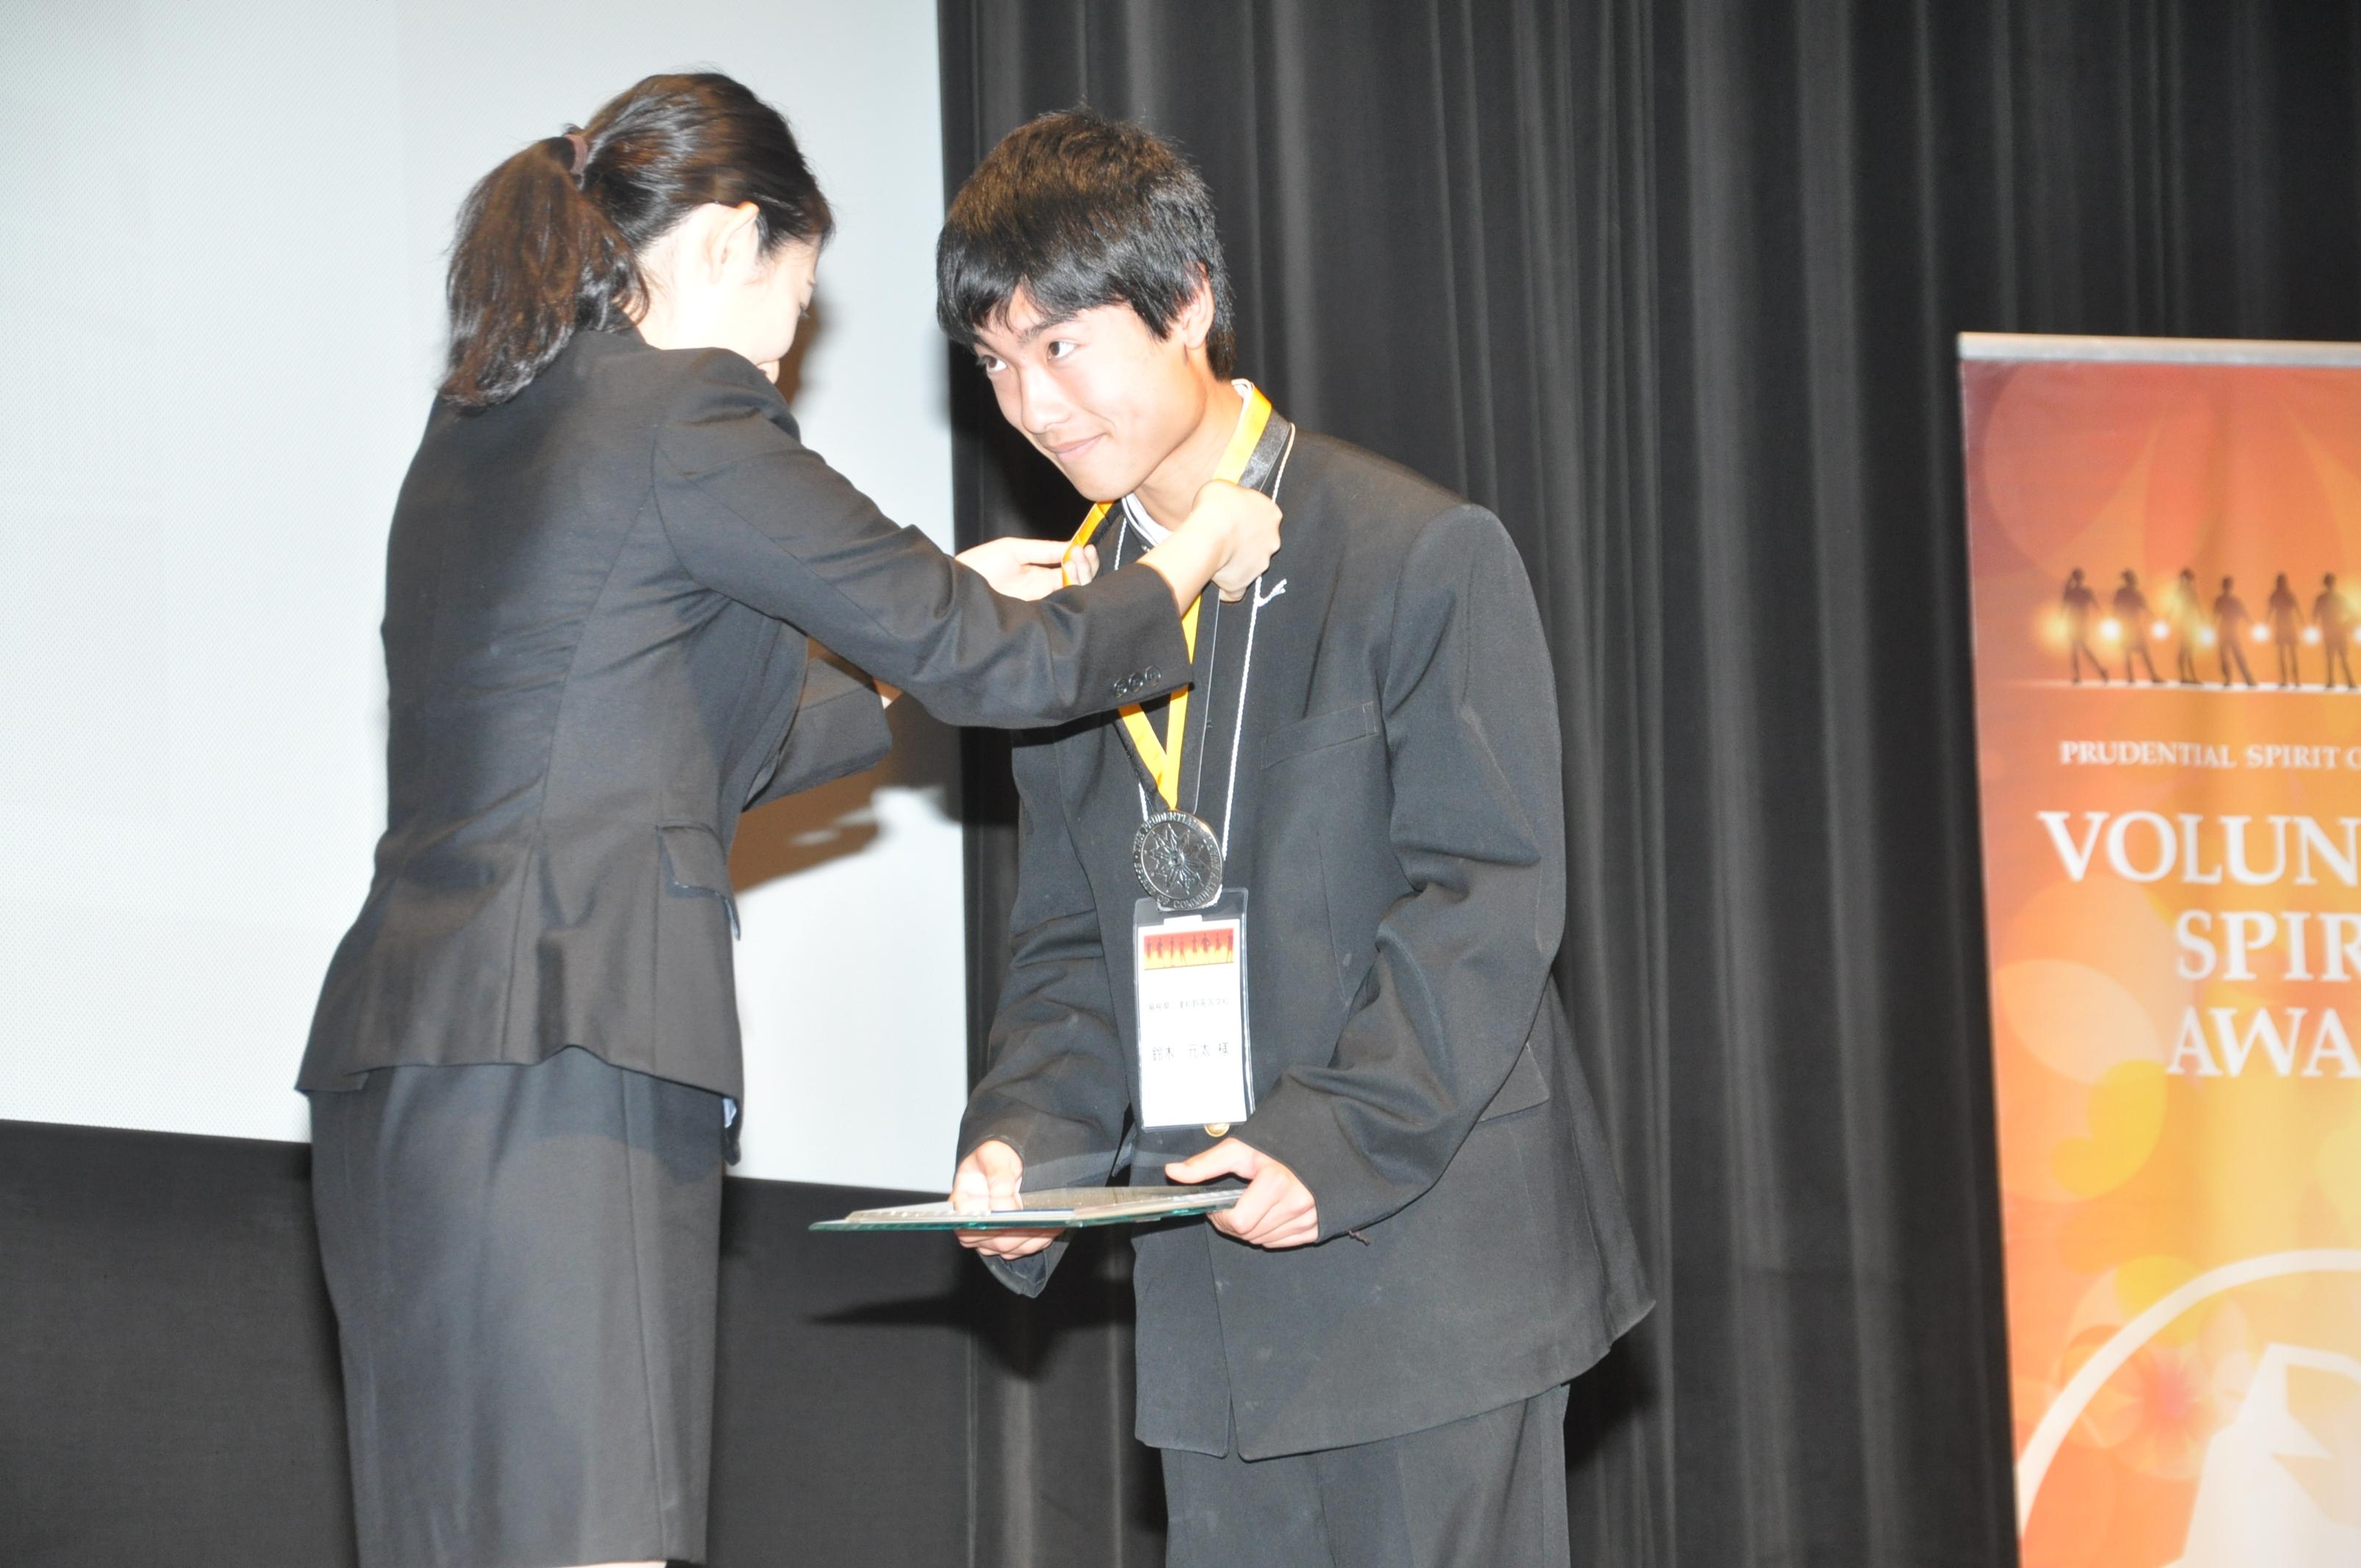 第18回米国ボランティア親善大使の櫛部紗永さんから、受賞メダルを首に掛けてもらう鈴木さん(右)。